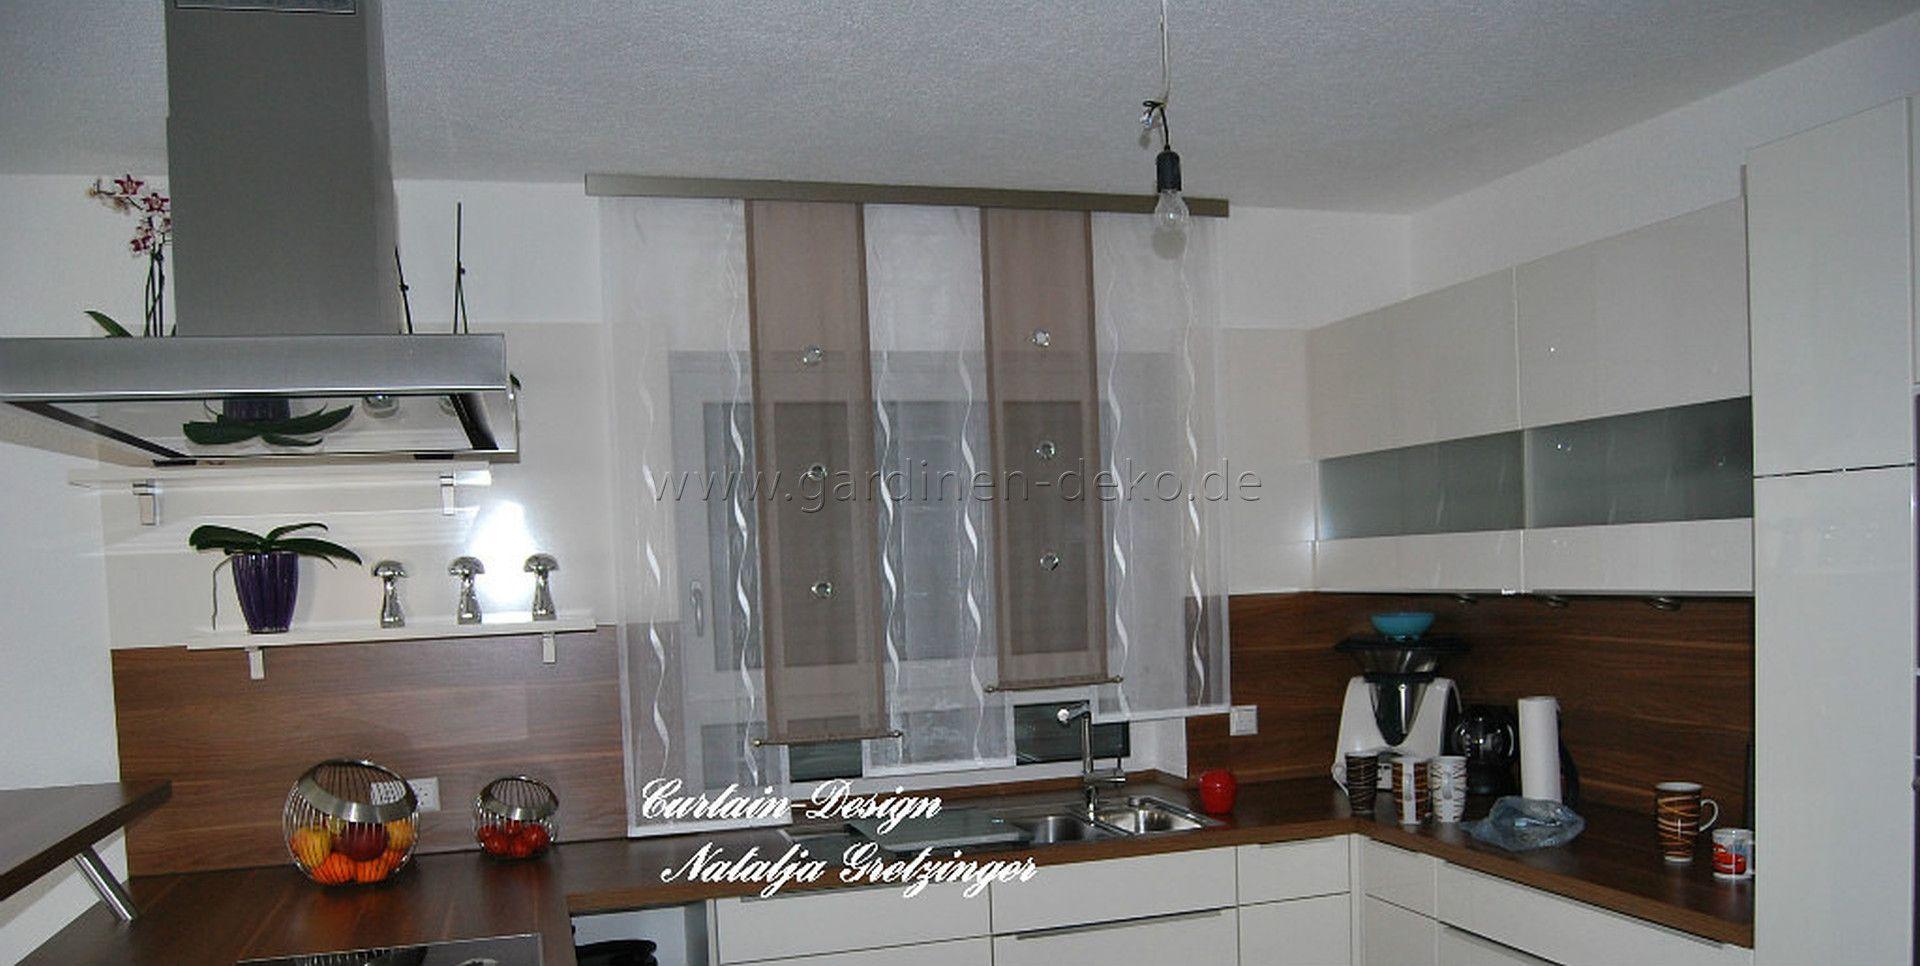 Full Size of Küchengardinen Kchengardinen Rot Gardinen Mit Sen Fr Kche Bilder Fenster Die Wohnzimmer Küchengardinen